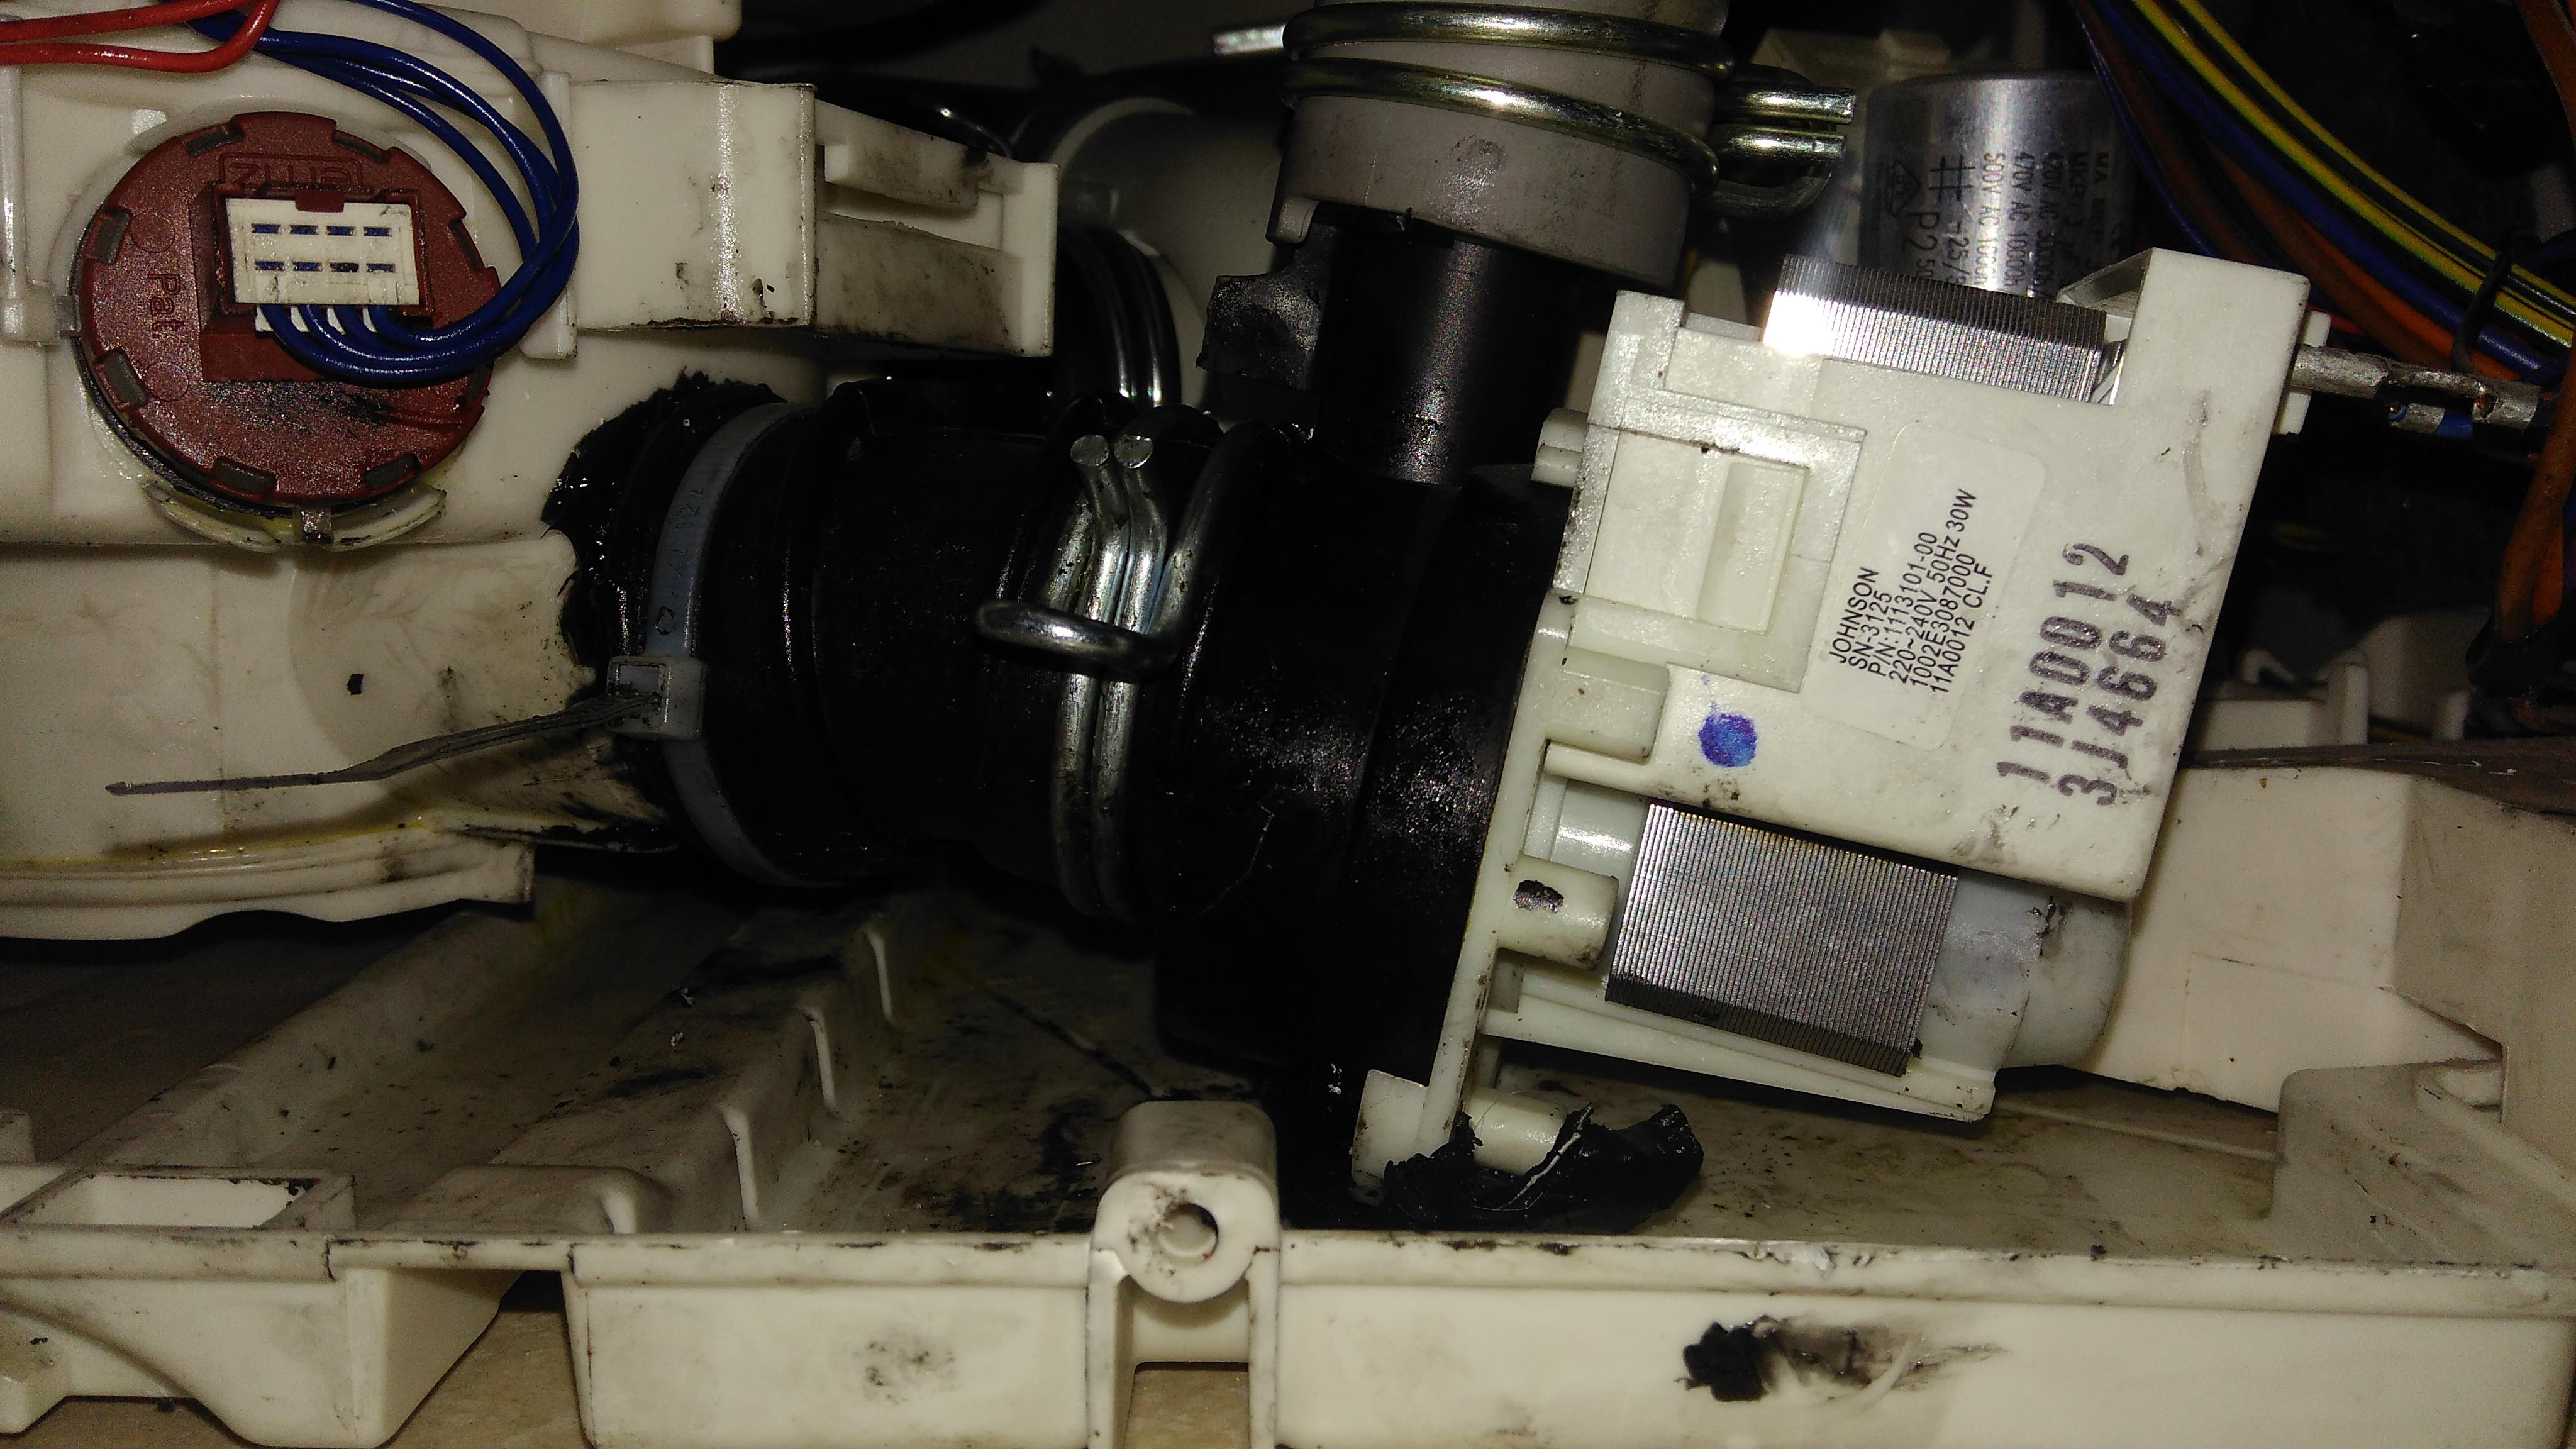 Lavastoviglie Rex Techna TT800 - Non scalda l\'acqua ...